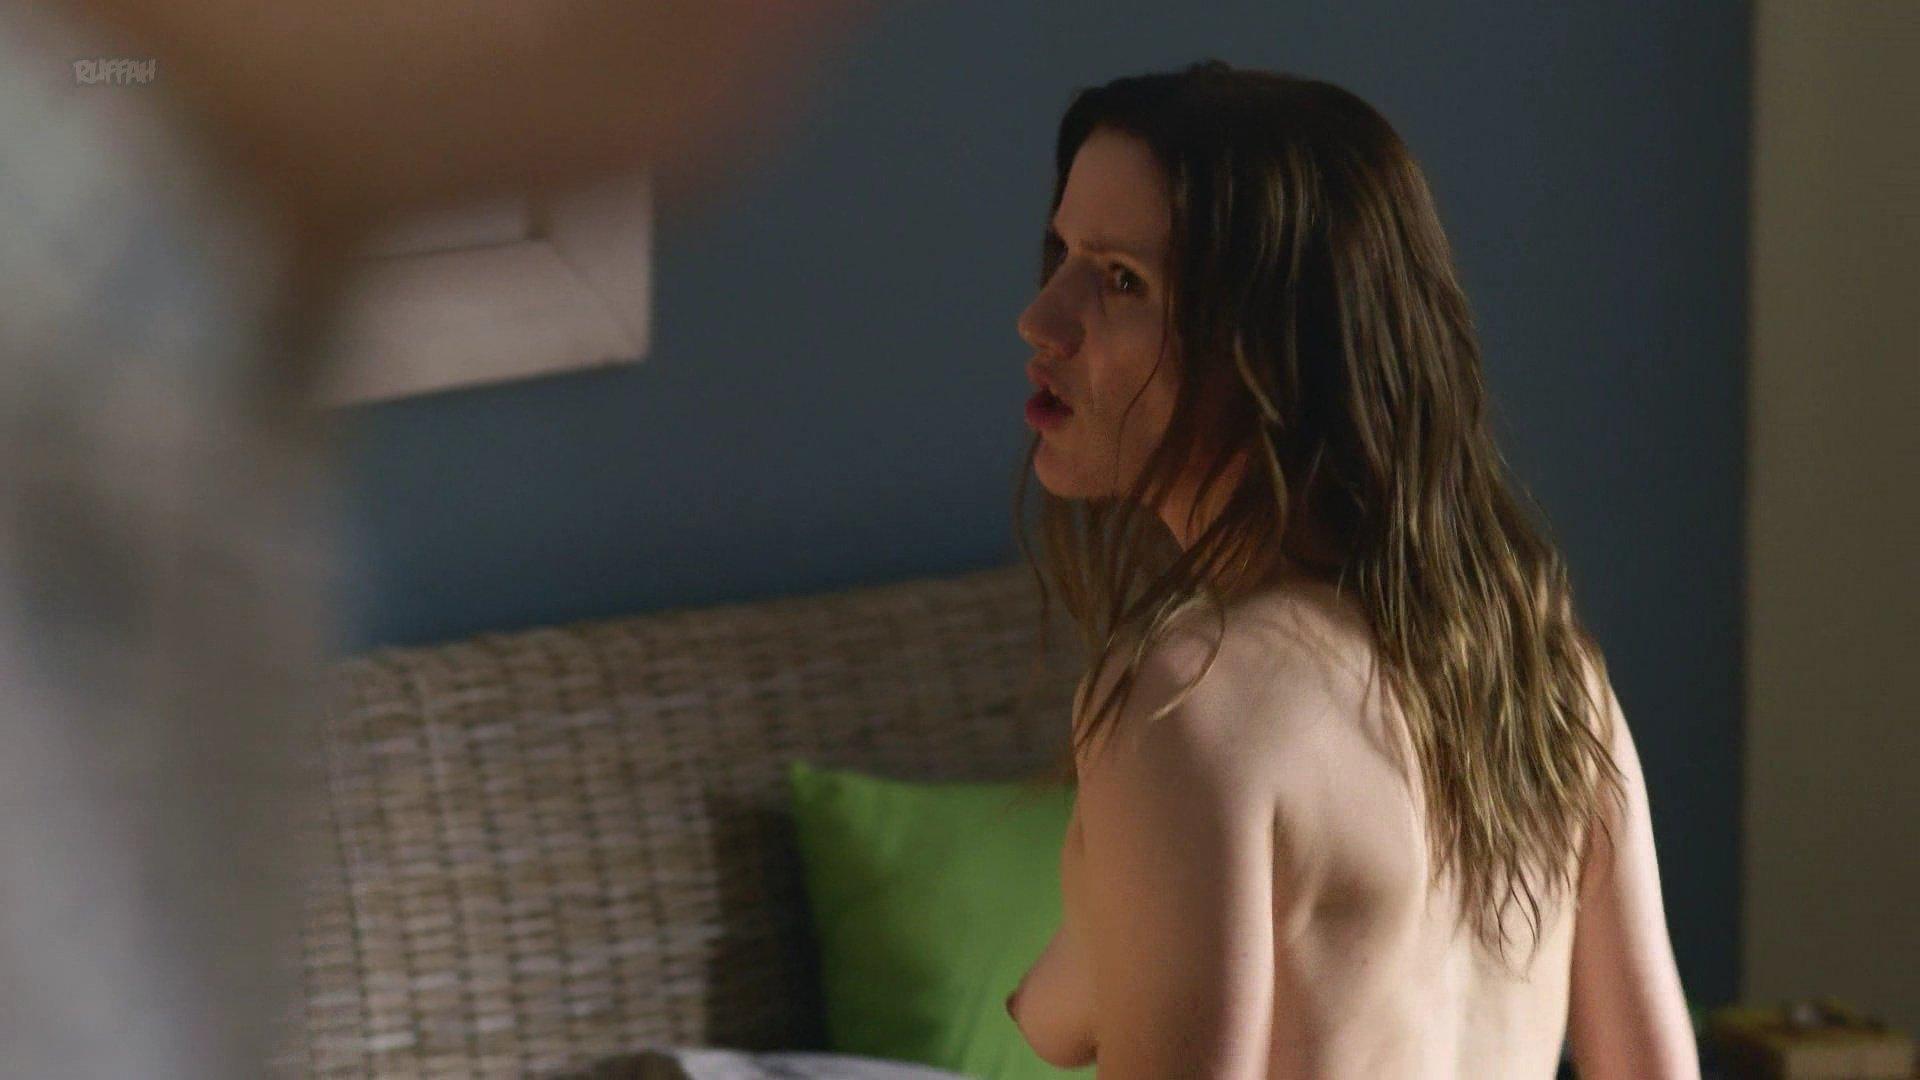 Bettina Lamprecht nude - Pastewka s08e02 (2018)